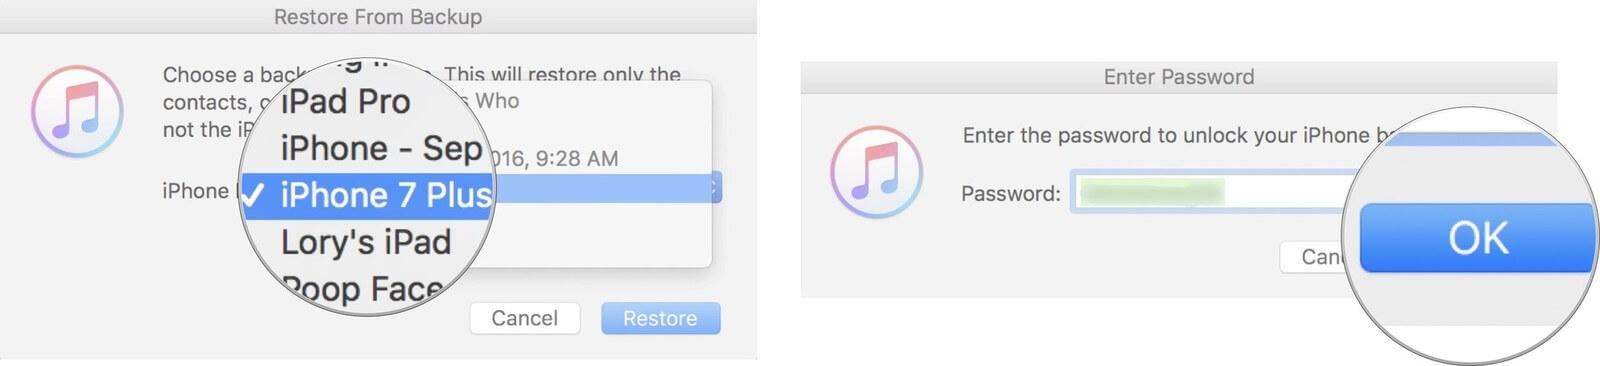 Restaurar Itunes desde la copia de seguridad